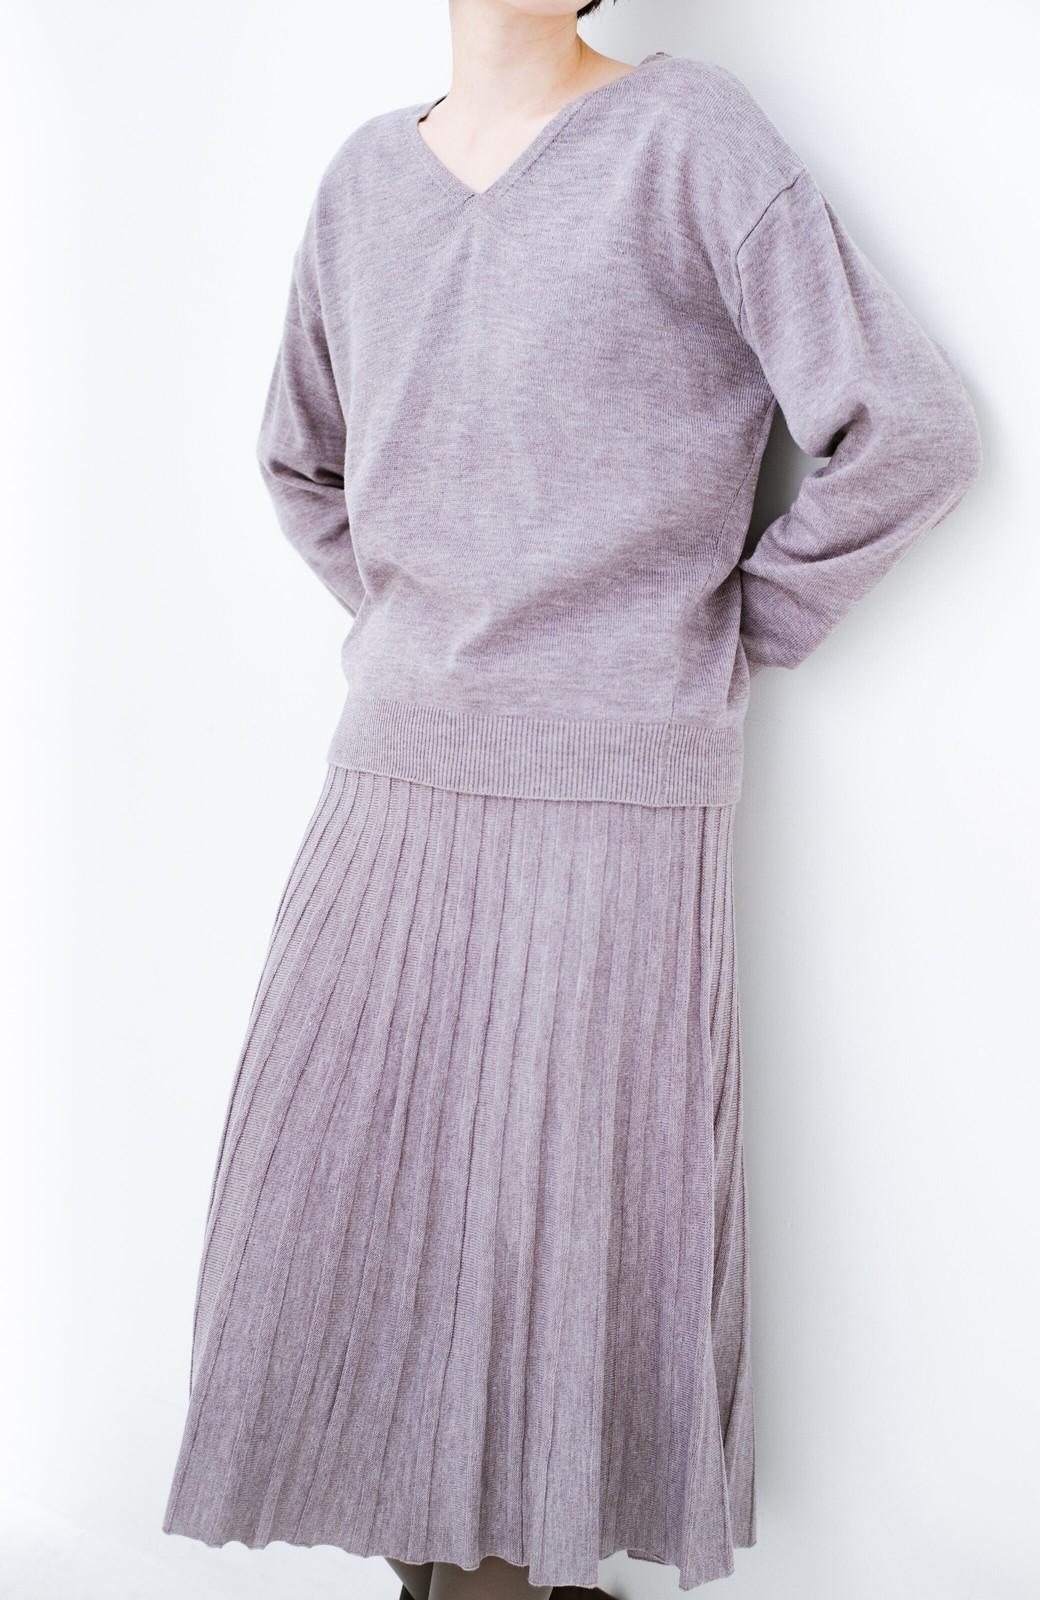 haco! 寝坊した朝でも安心!パッと着るだけでコーデが完成する女っぽニットアップ <杢グレー>の商品写真2